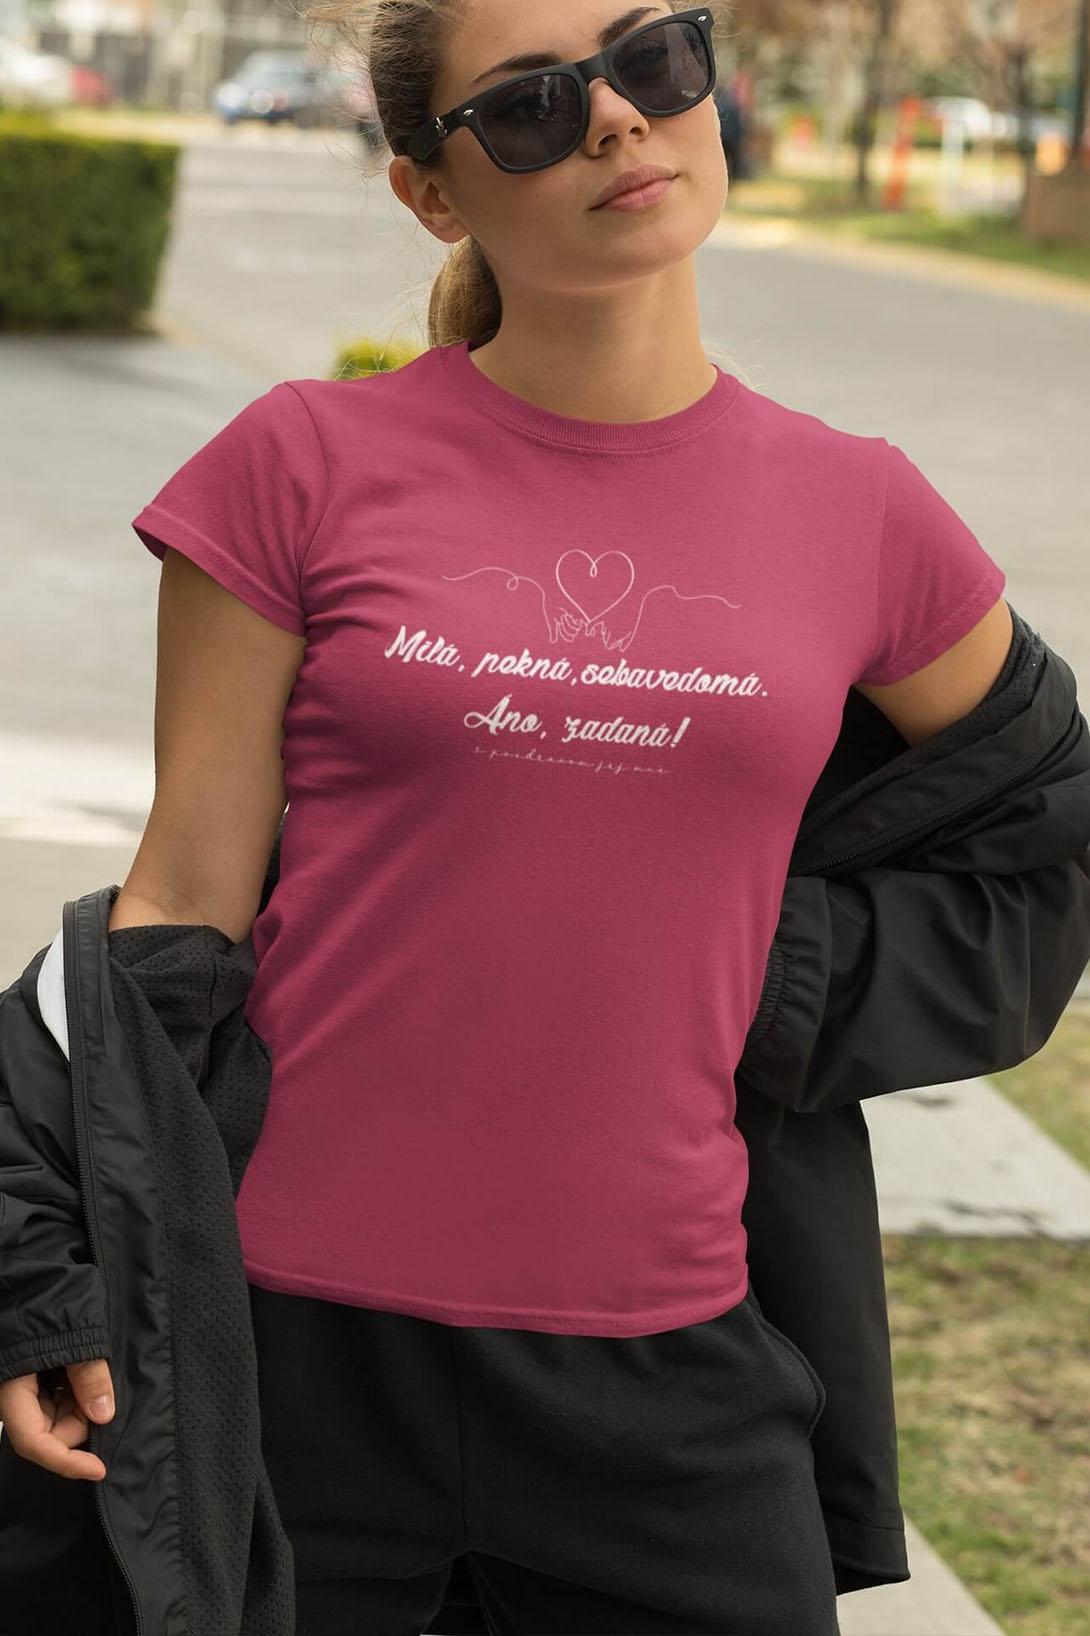 MMO Dámske tričko Milá, pekná, sebavedomá Vyberte farbu: Purpurová, Vyberte veľkosť: M